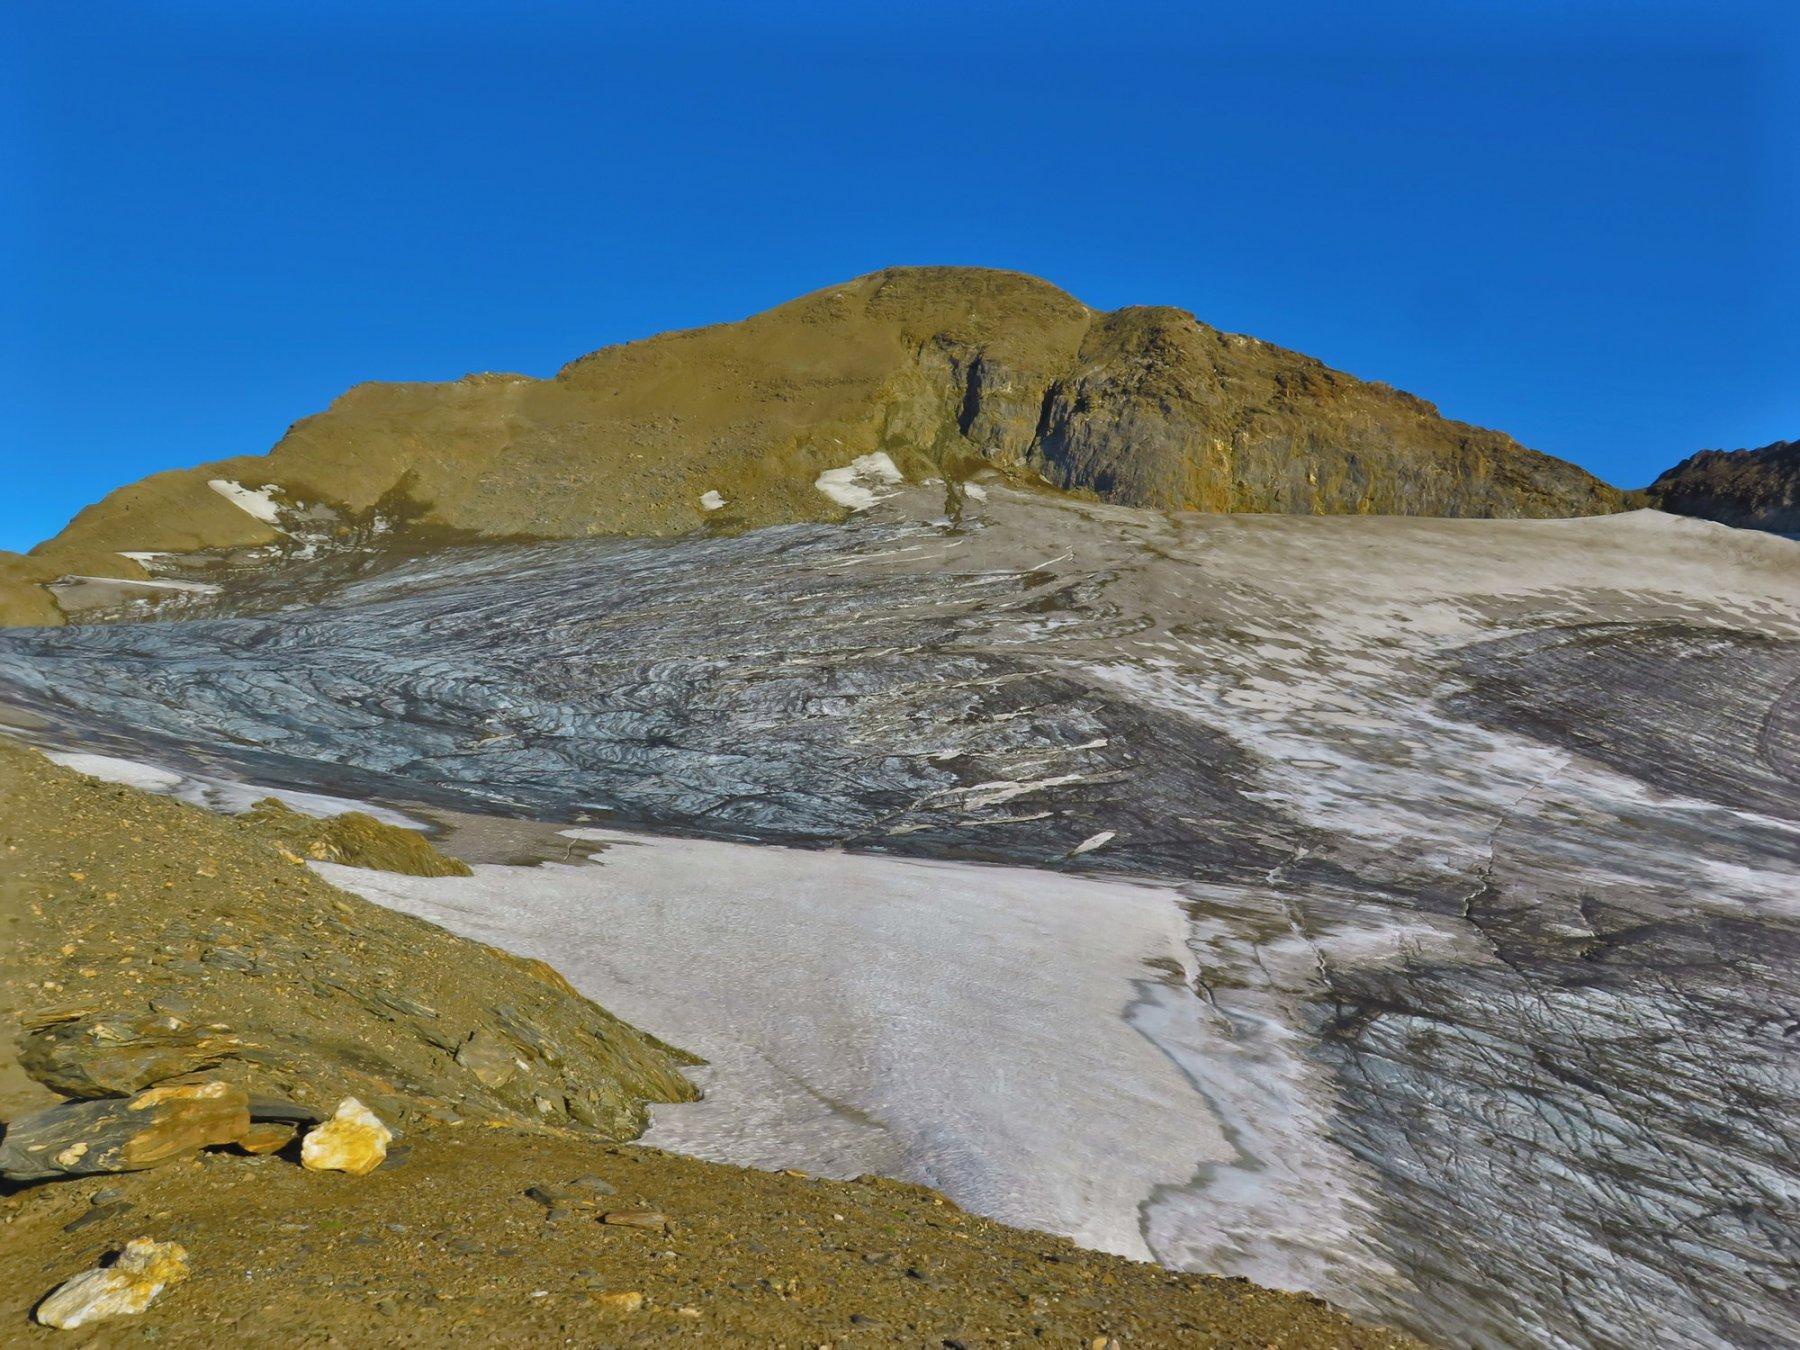 la cima, l'itinerario è sulla cresta a sinistra